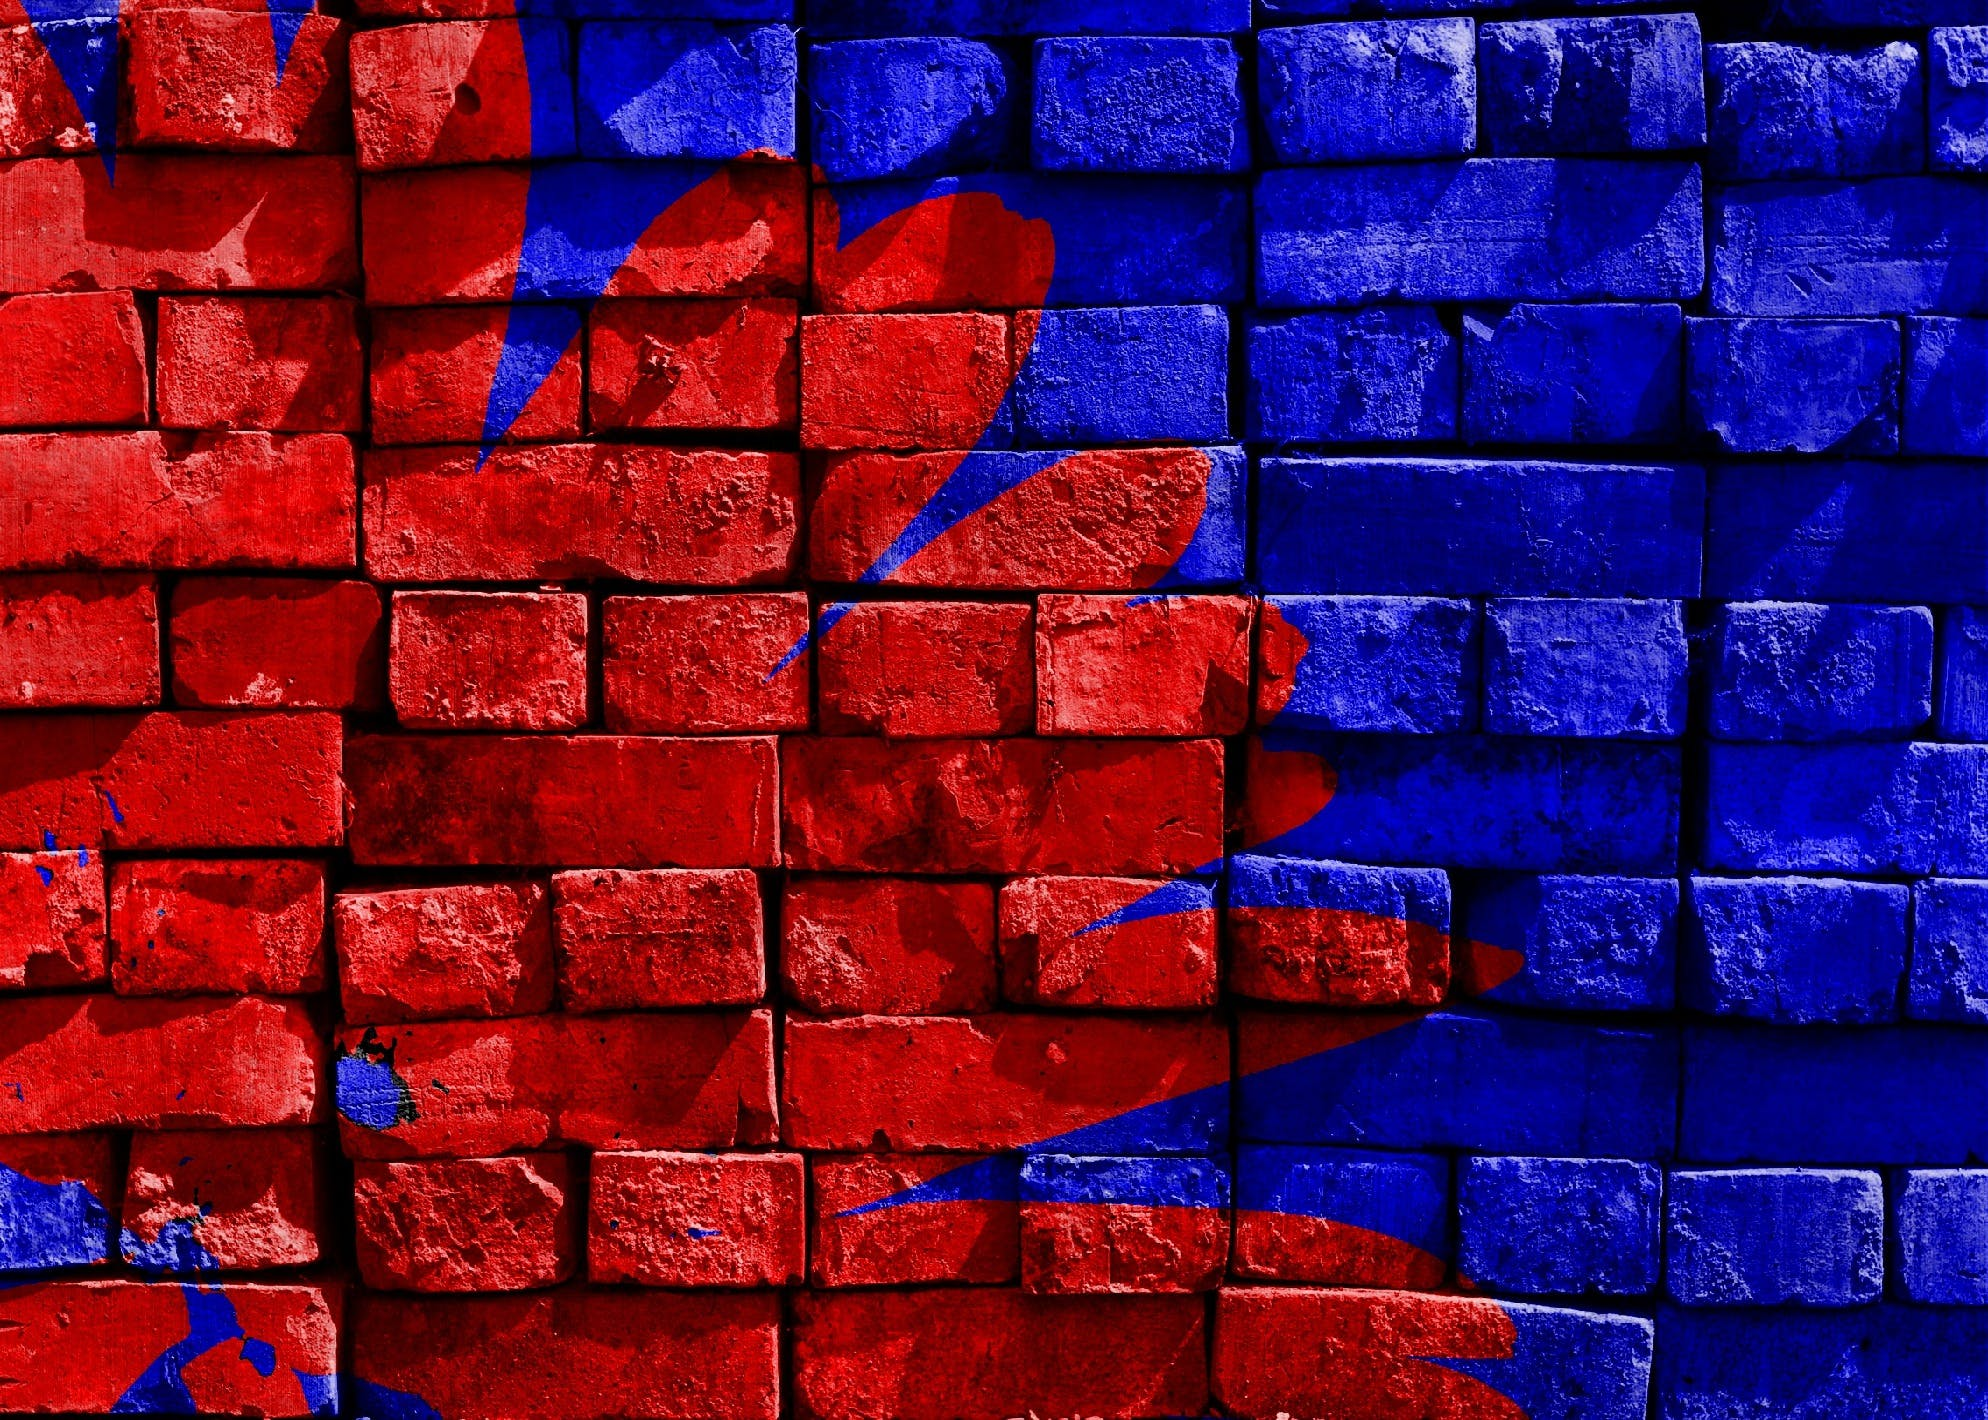 벽, 벽돌, 벽돌 벽, 블루의 무료 스톡 사진